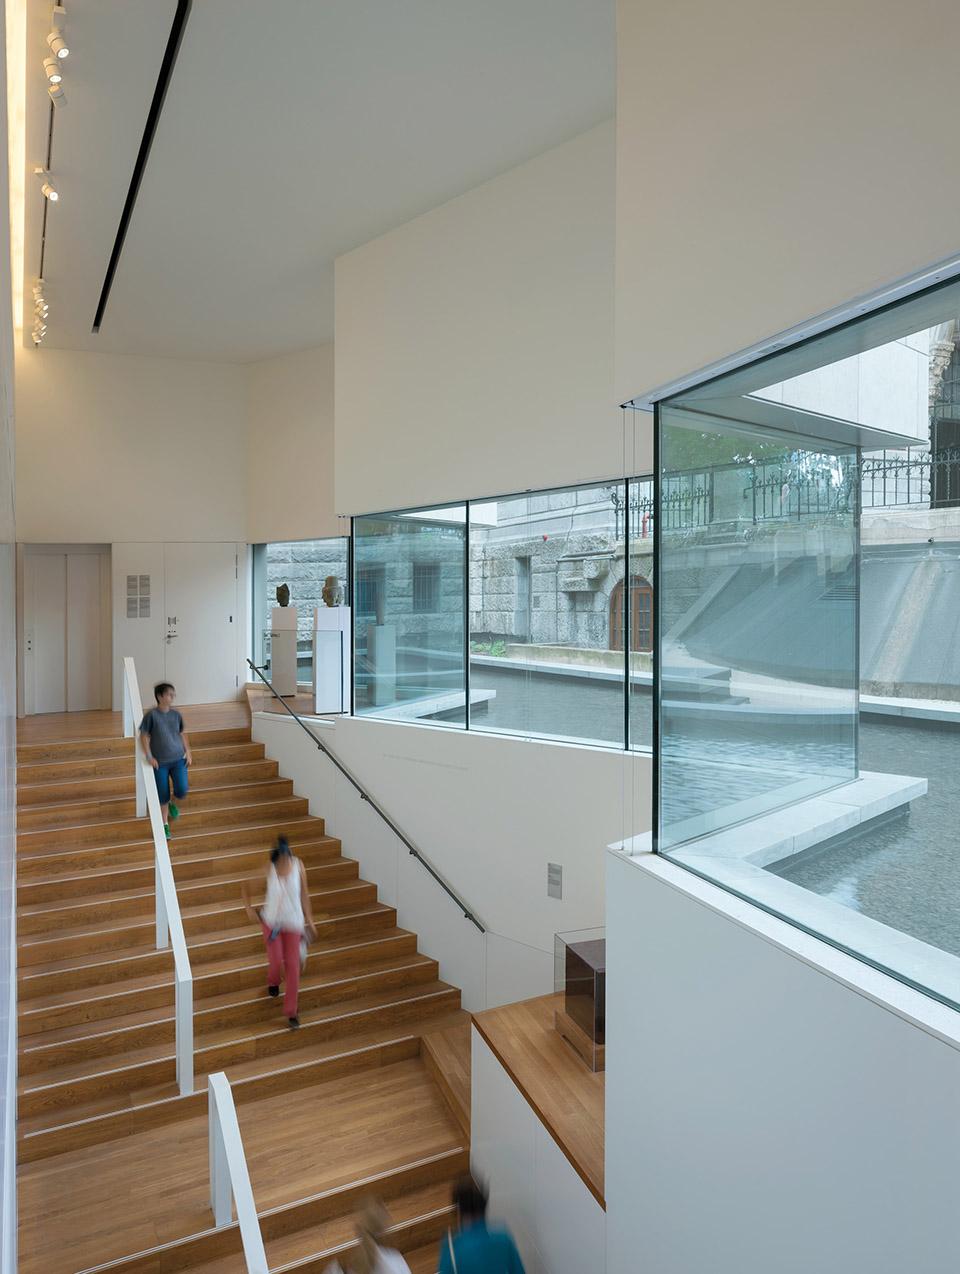 荷兰国家博物馆亚洲展馆-7